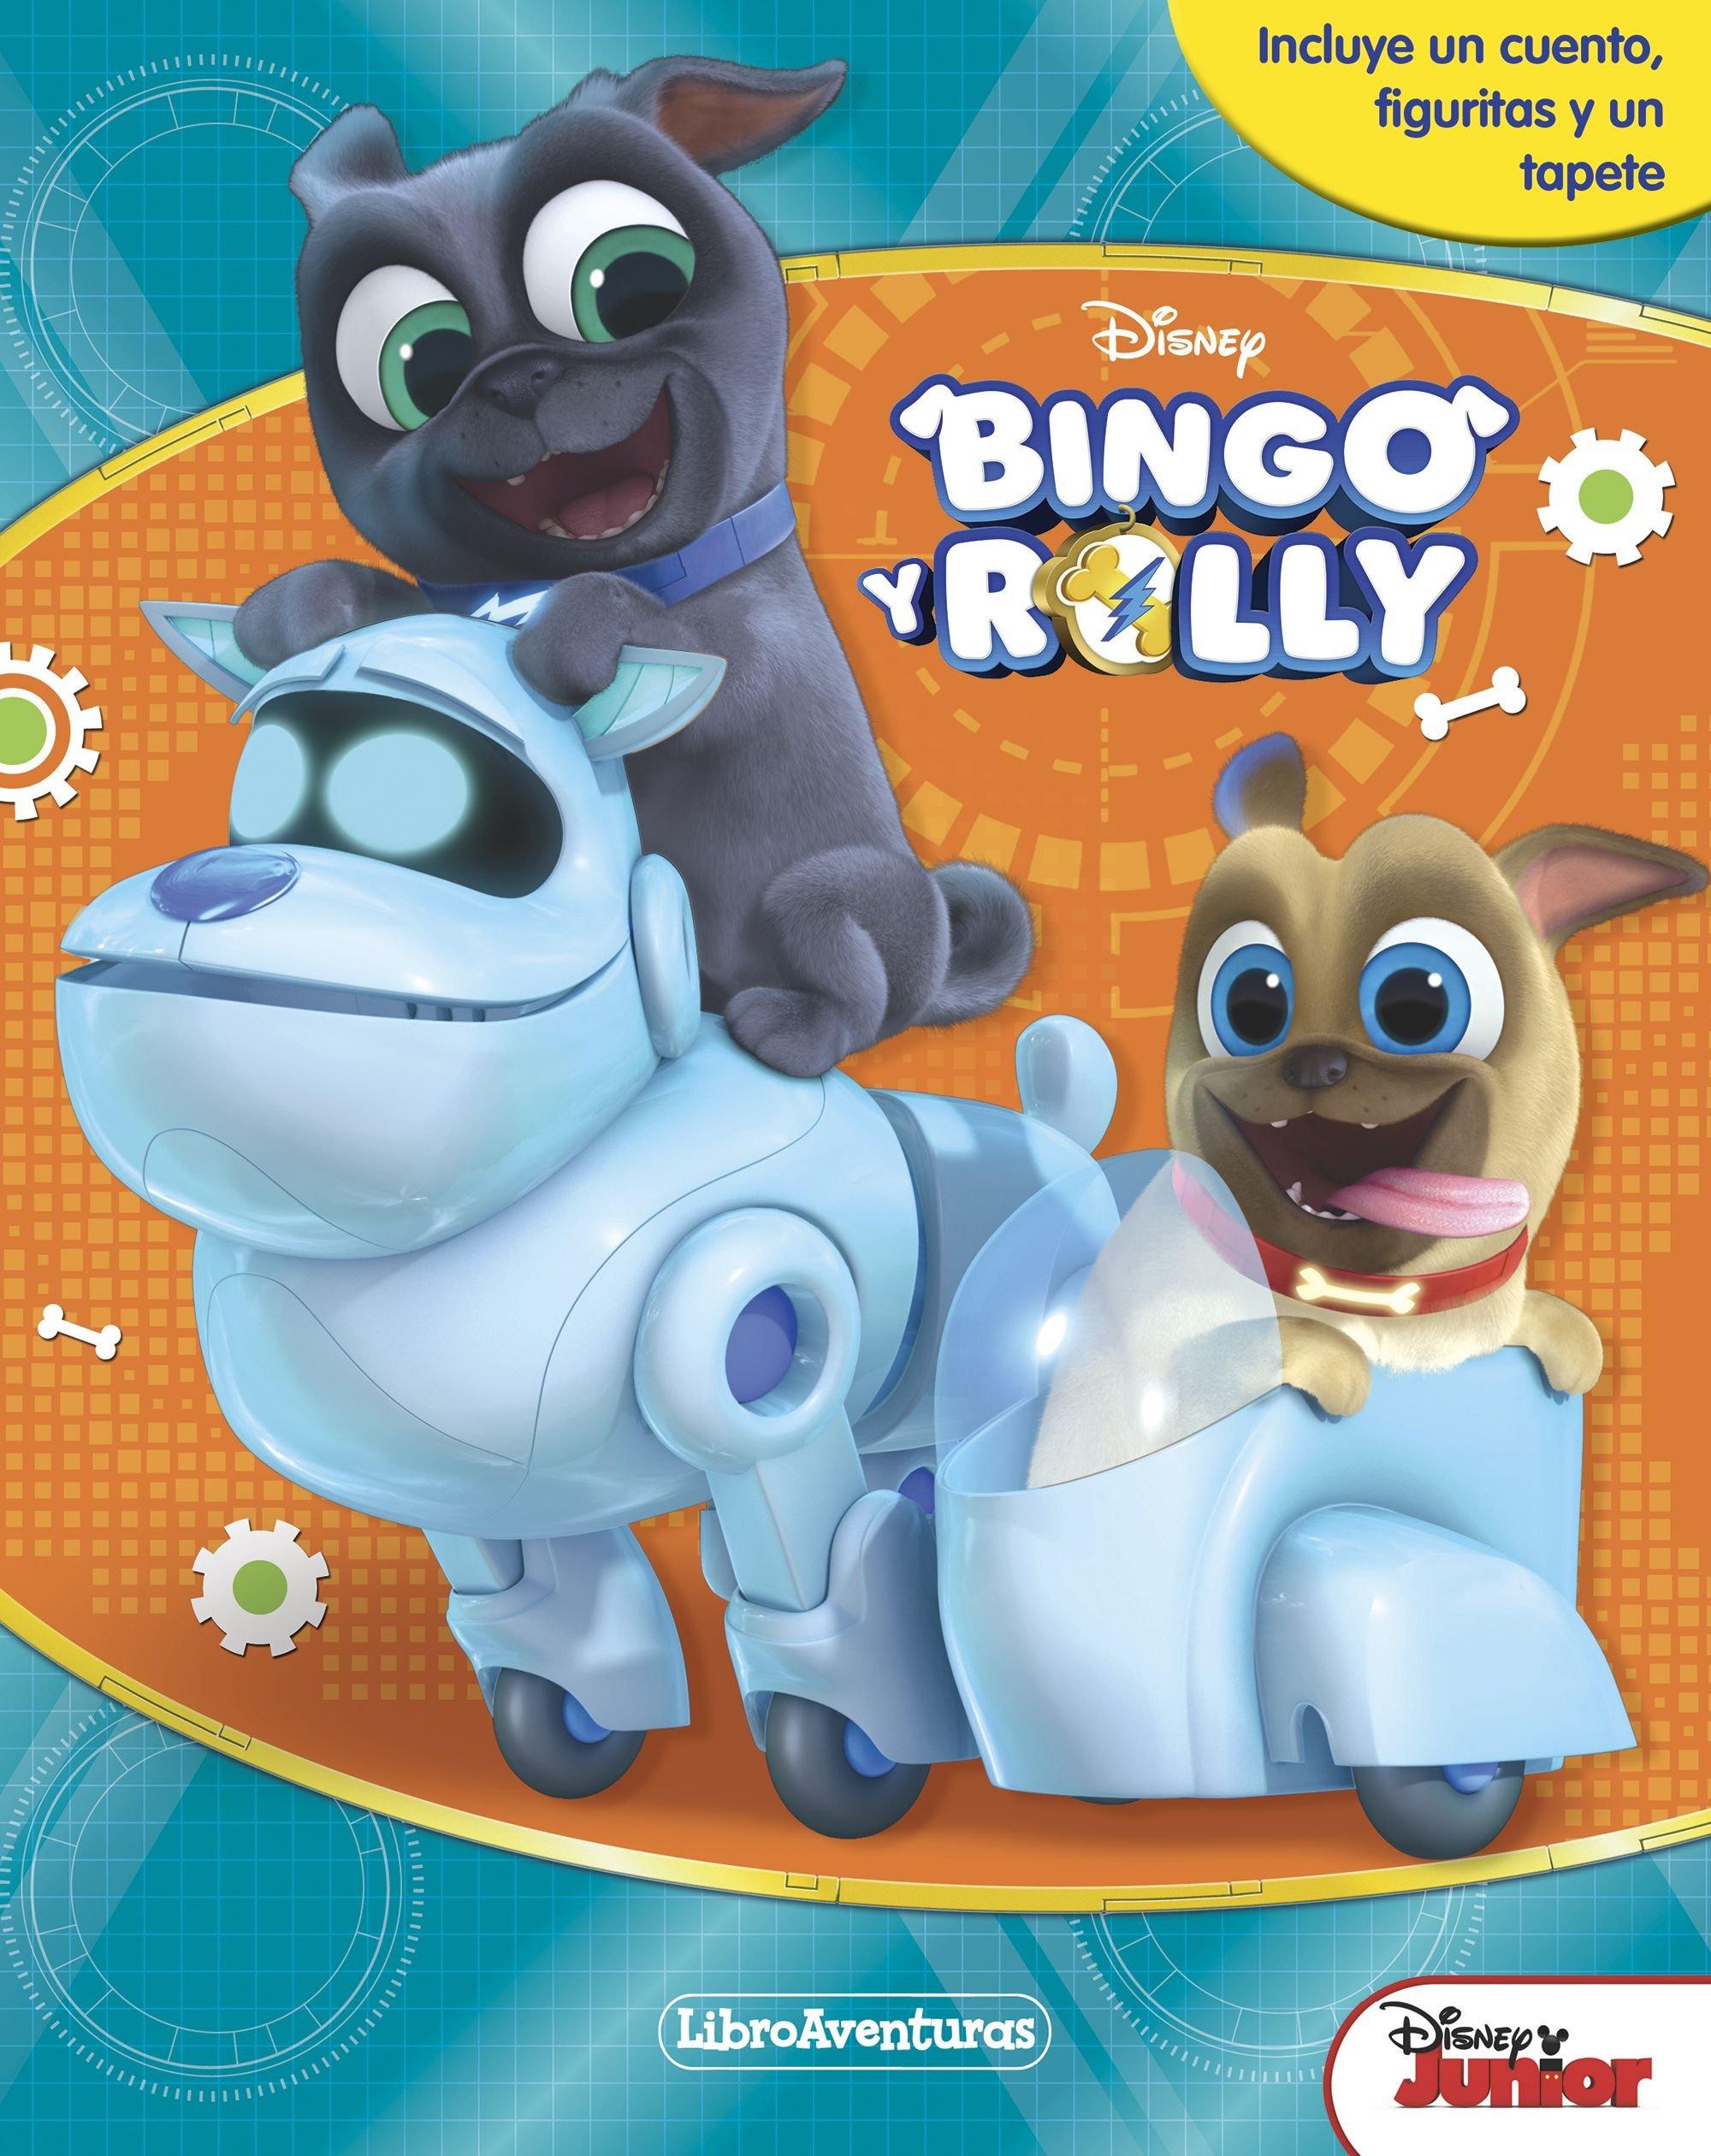 Bingo y Rolly. Libroaventuras: Incluye un cuento, figuritas ...